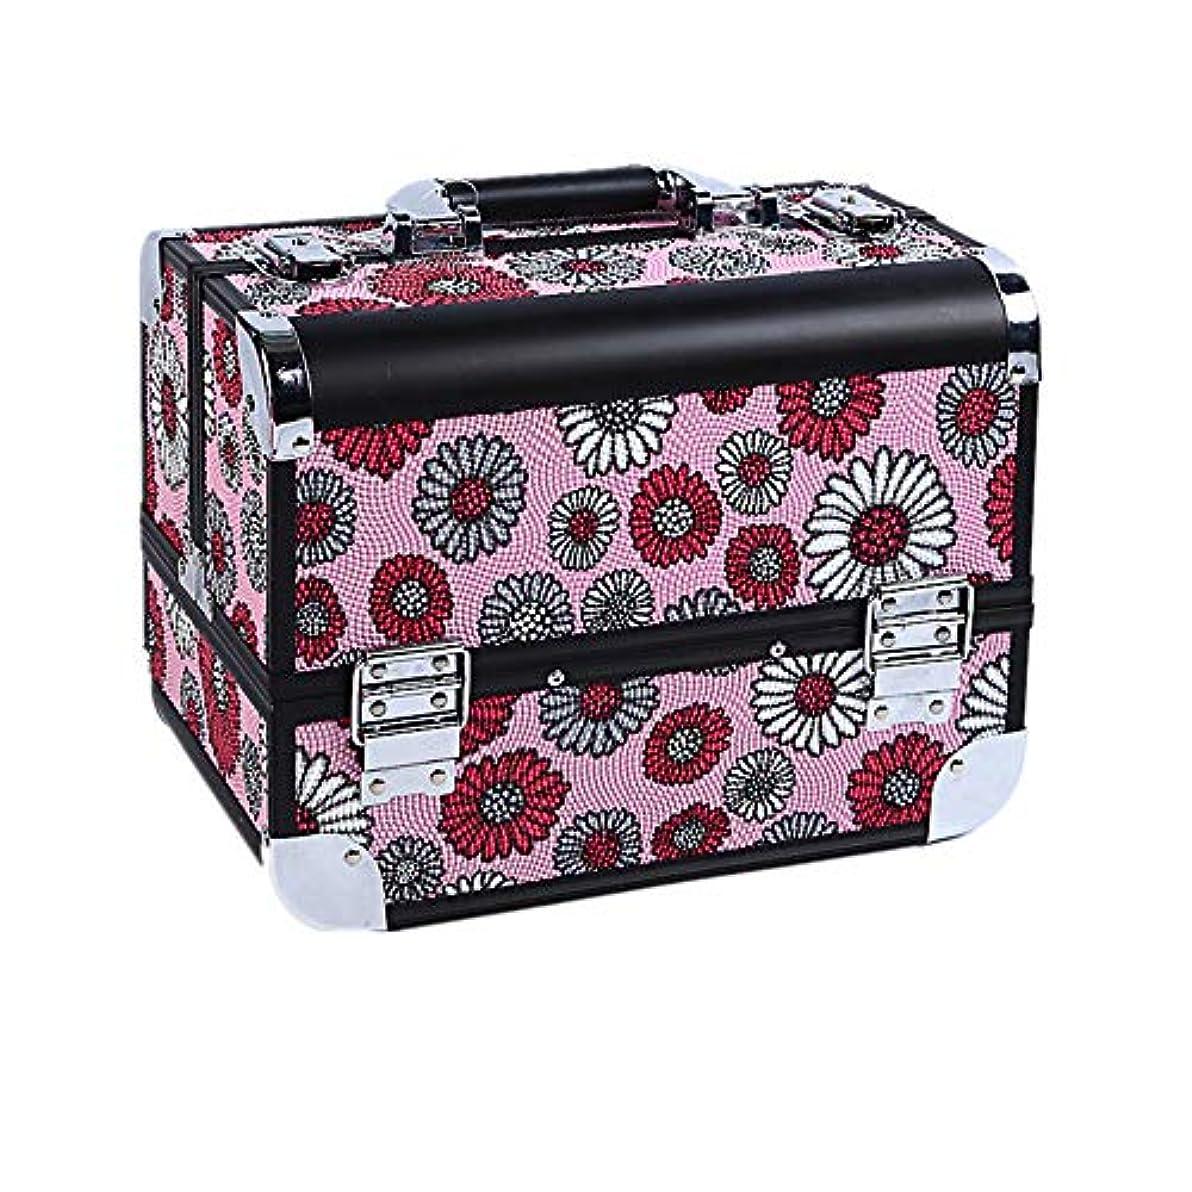 センサー弾丸大工化粧オーガナイザーバッグ 大容量ポータブルアルミ合金旅行化粧品美容メイクアップ化粧ケースひまわりのパターンと折り畳みトレイ 化粧品ケース